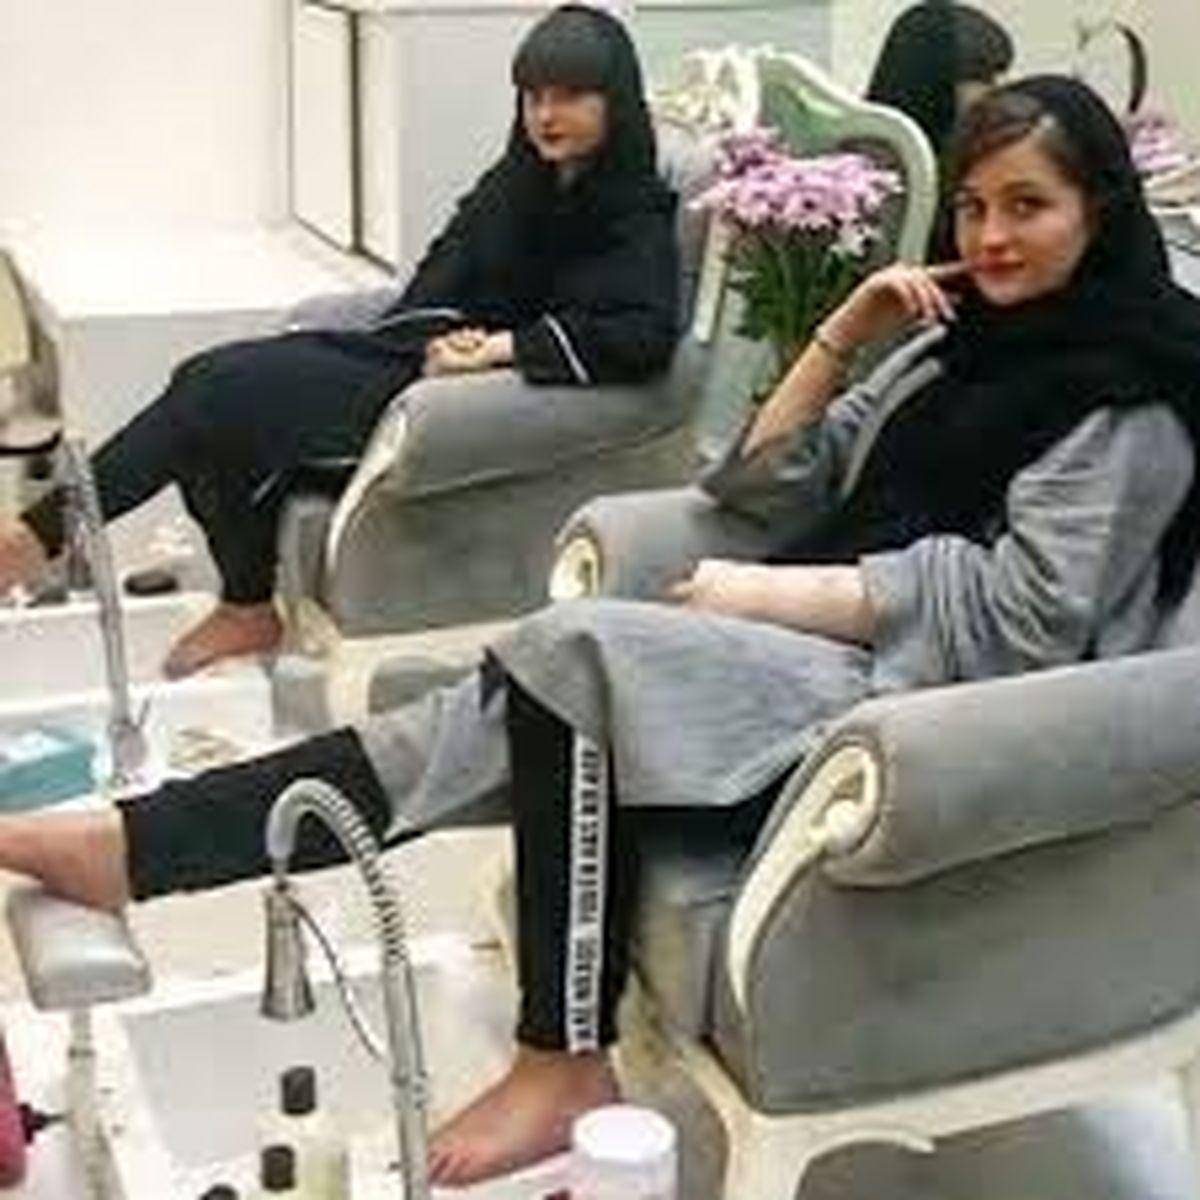 توهین زشت سارا و نیکا به مادرشان در لایو اینستاگرام | فیلم